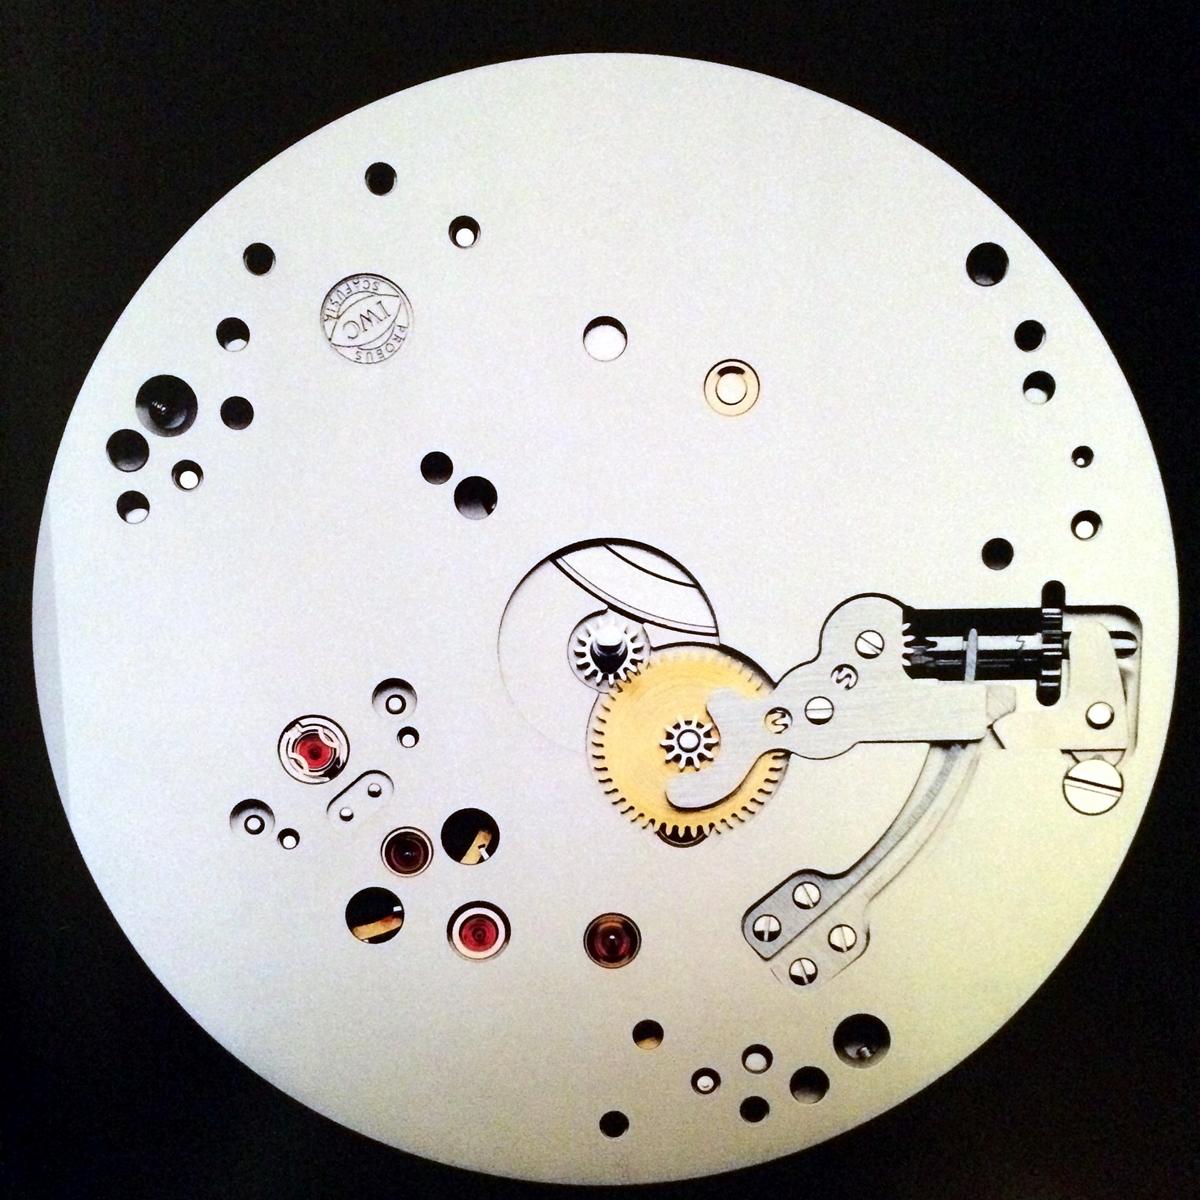 8 luxurious_watch_design_clockworks_construction_luksusowe_zegarki_mechanizm_projektowanie_lifestyle